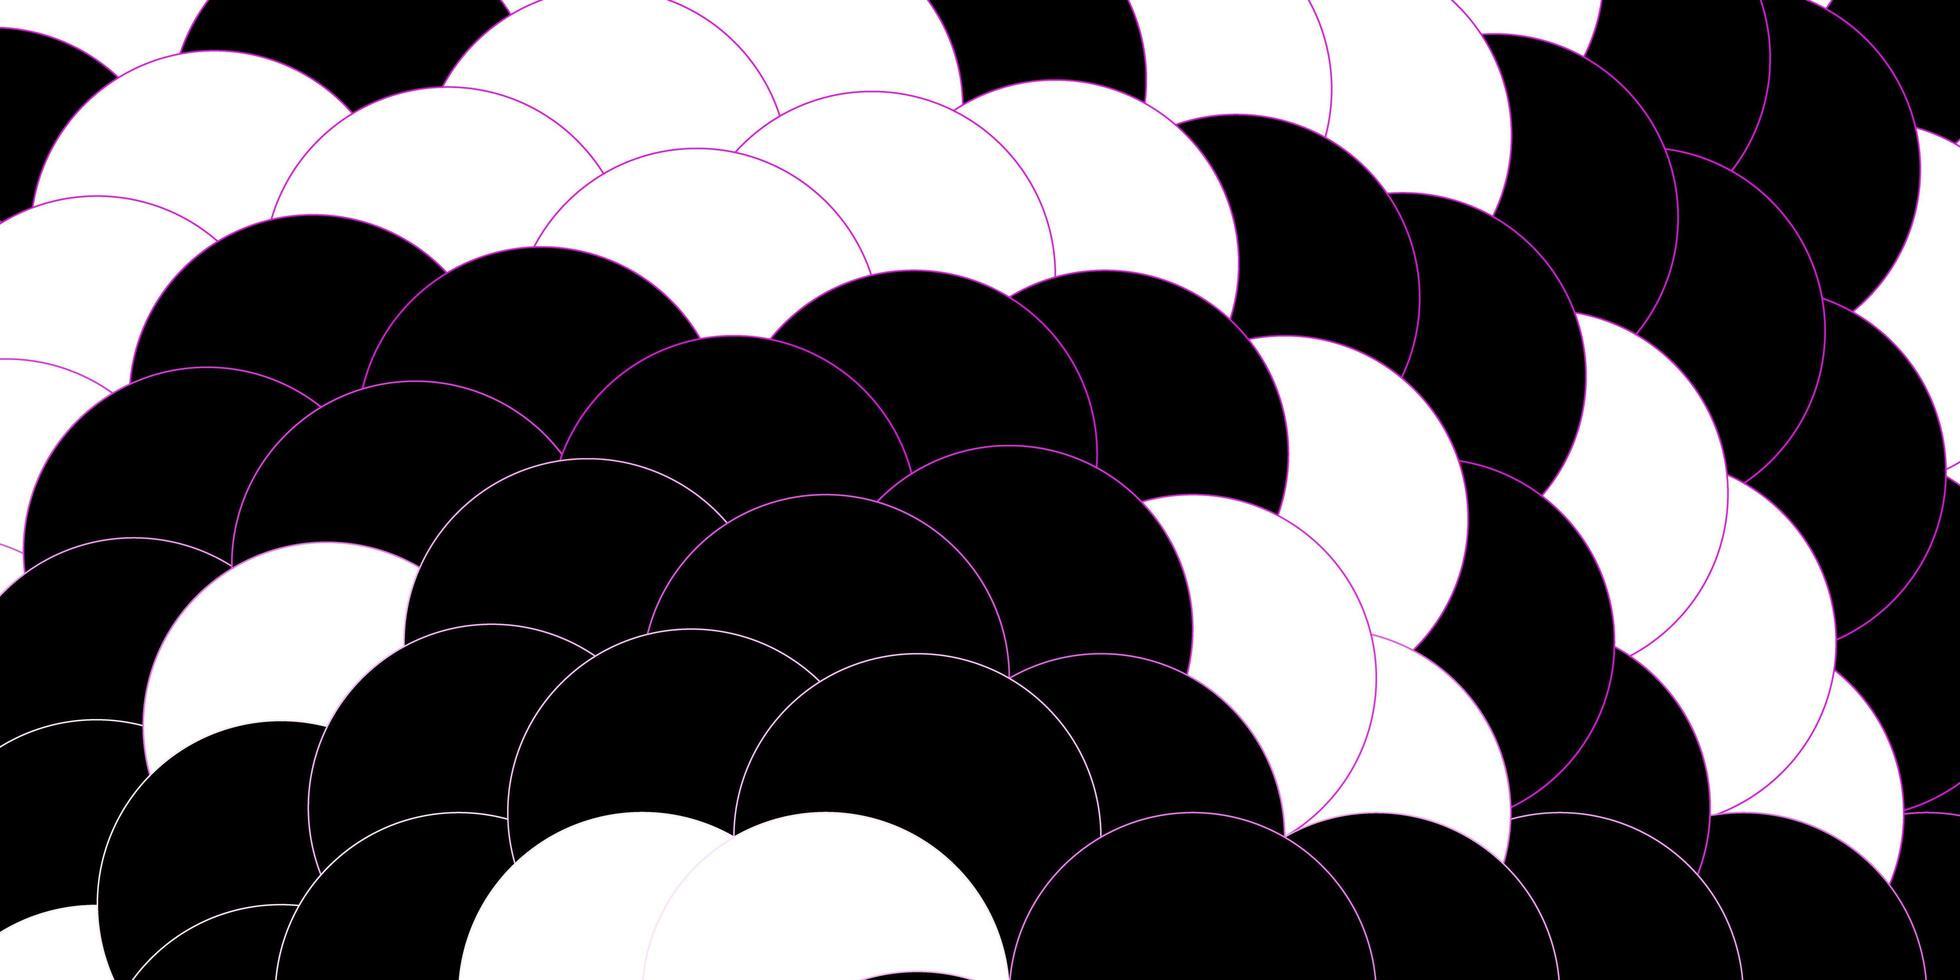 mörk lila, rosa vektor layout med cirkel former.